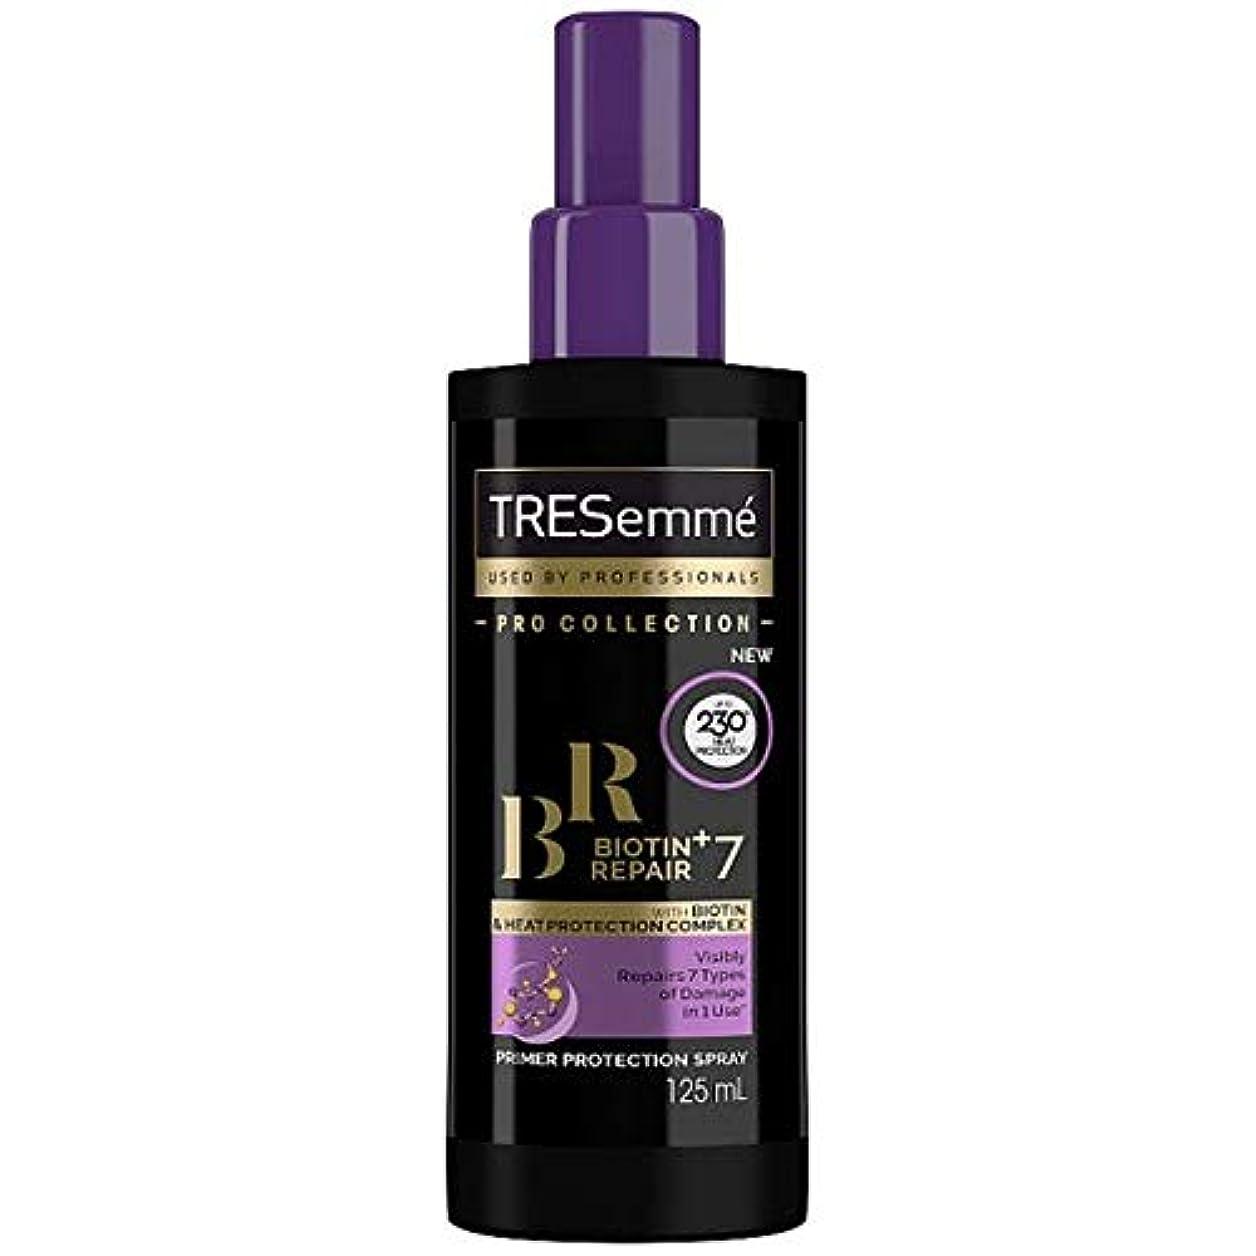 化粧けん引素人[Tresemme] Tresemmeビオチン+修理7プライマー保護スプレー125ミリリットル - Tresemme Biotin+ Repair 7 Primer Protection Spray 125ml [並行輸入品]